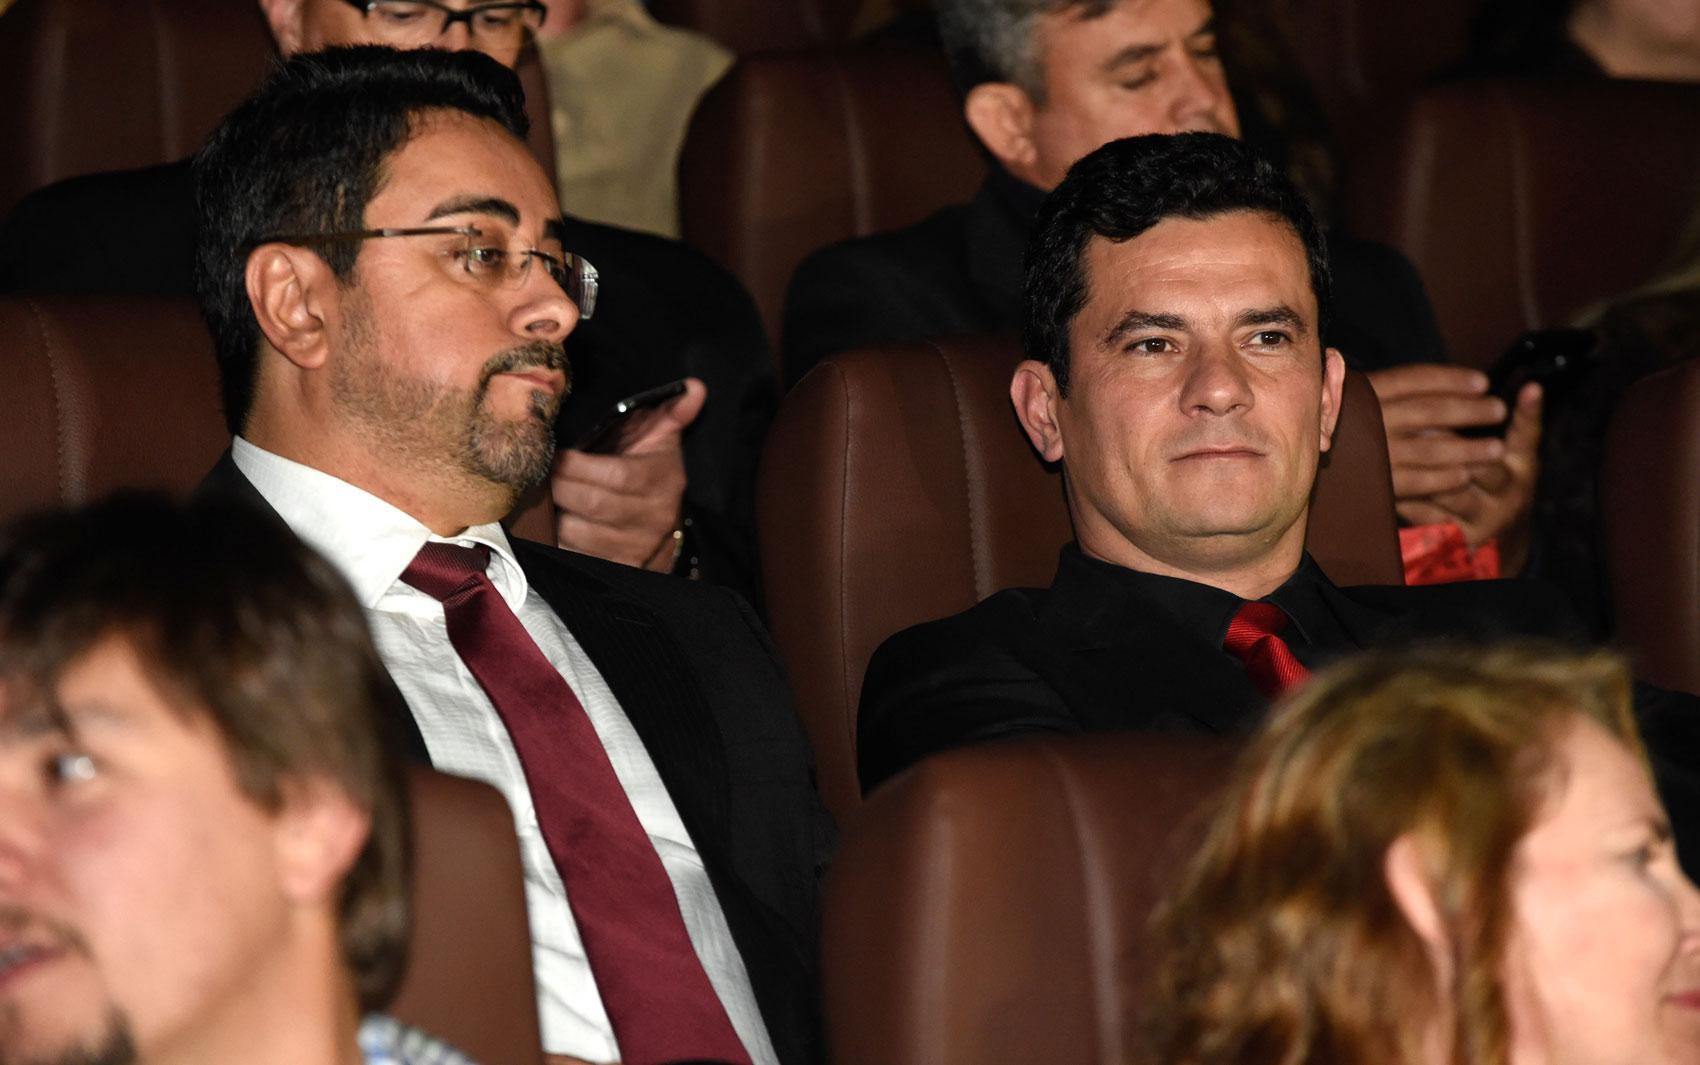 O juiz Sérgio Moro, acompanhado do juiz Marcelo Bretas, assiste à pré-estreia do filme